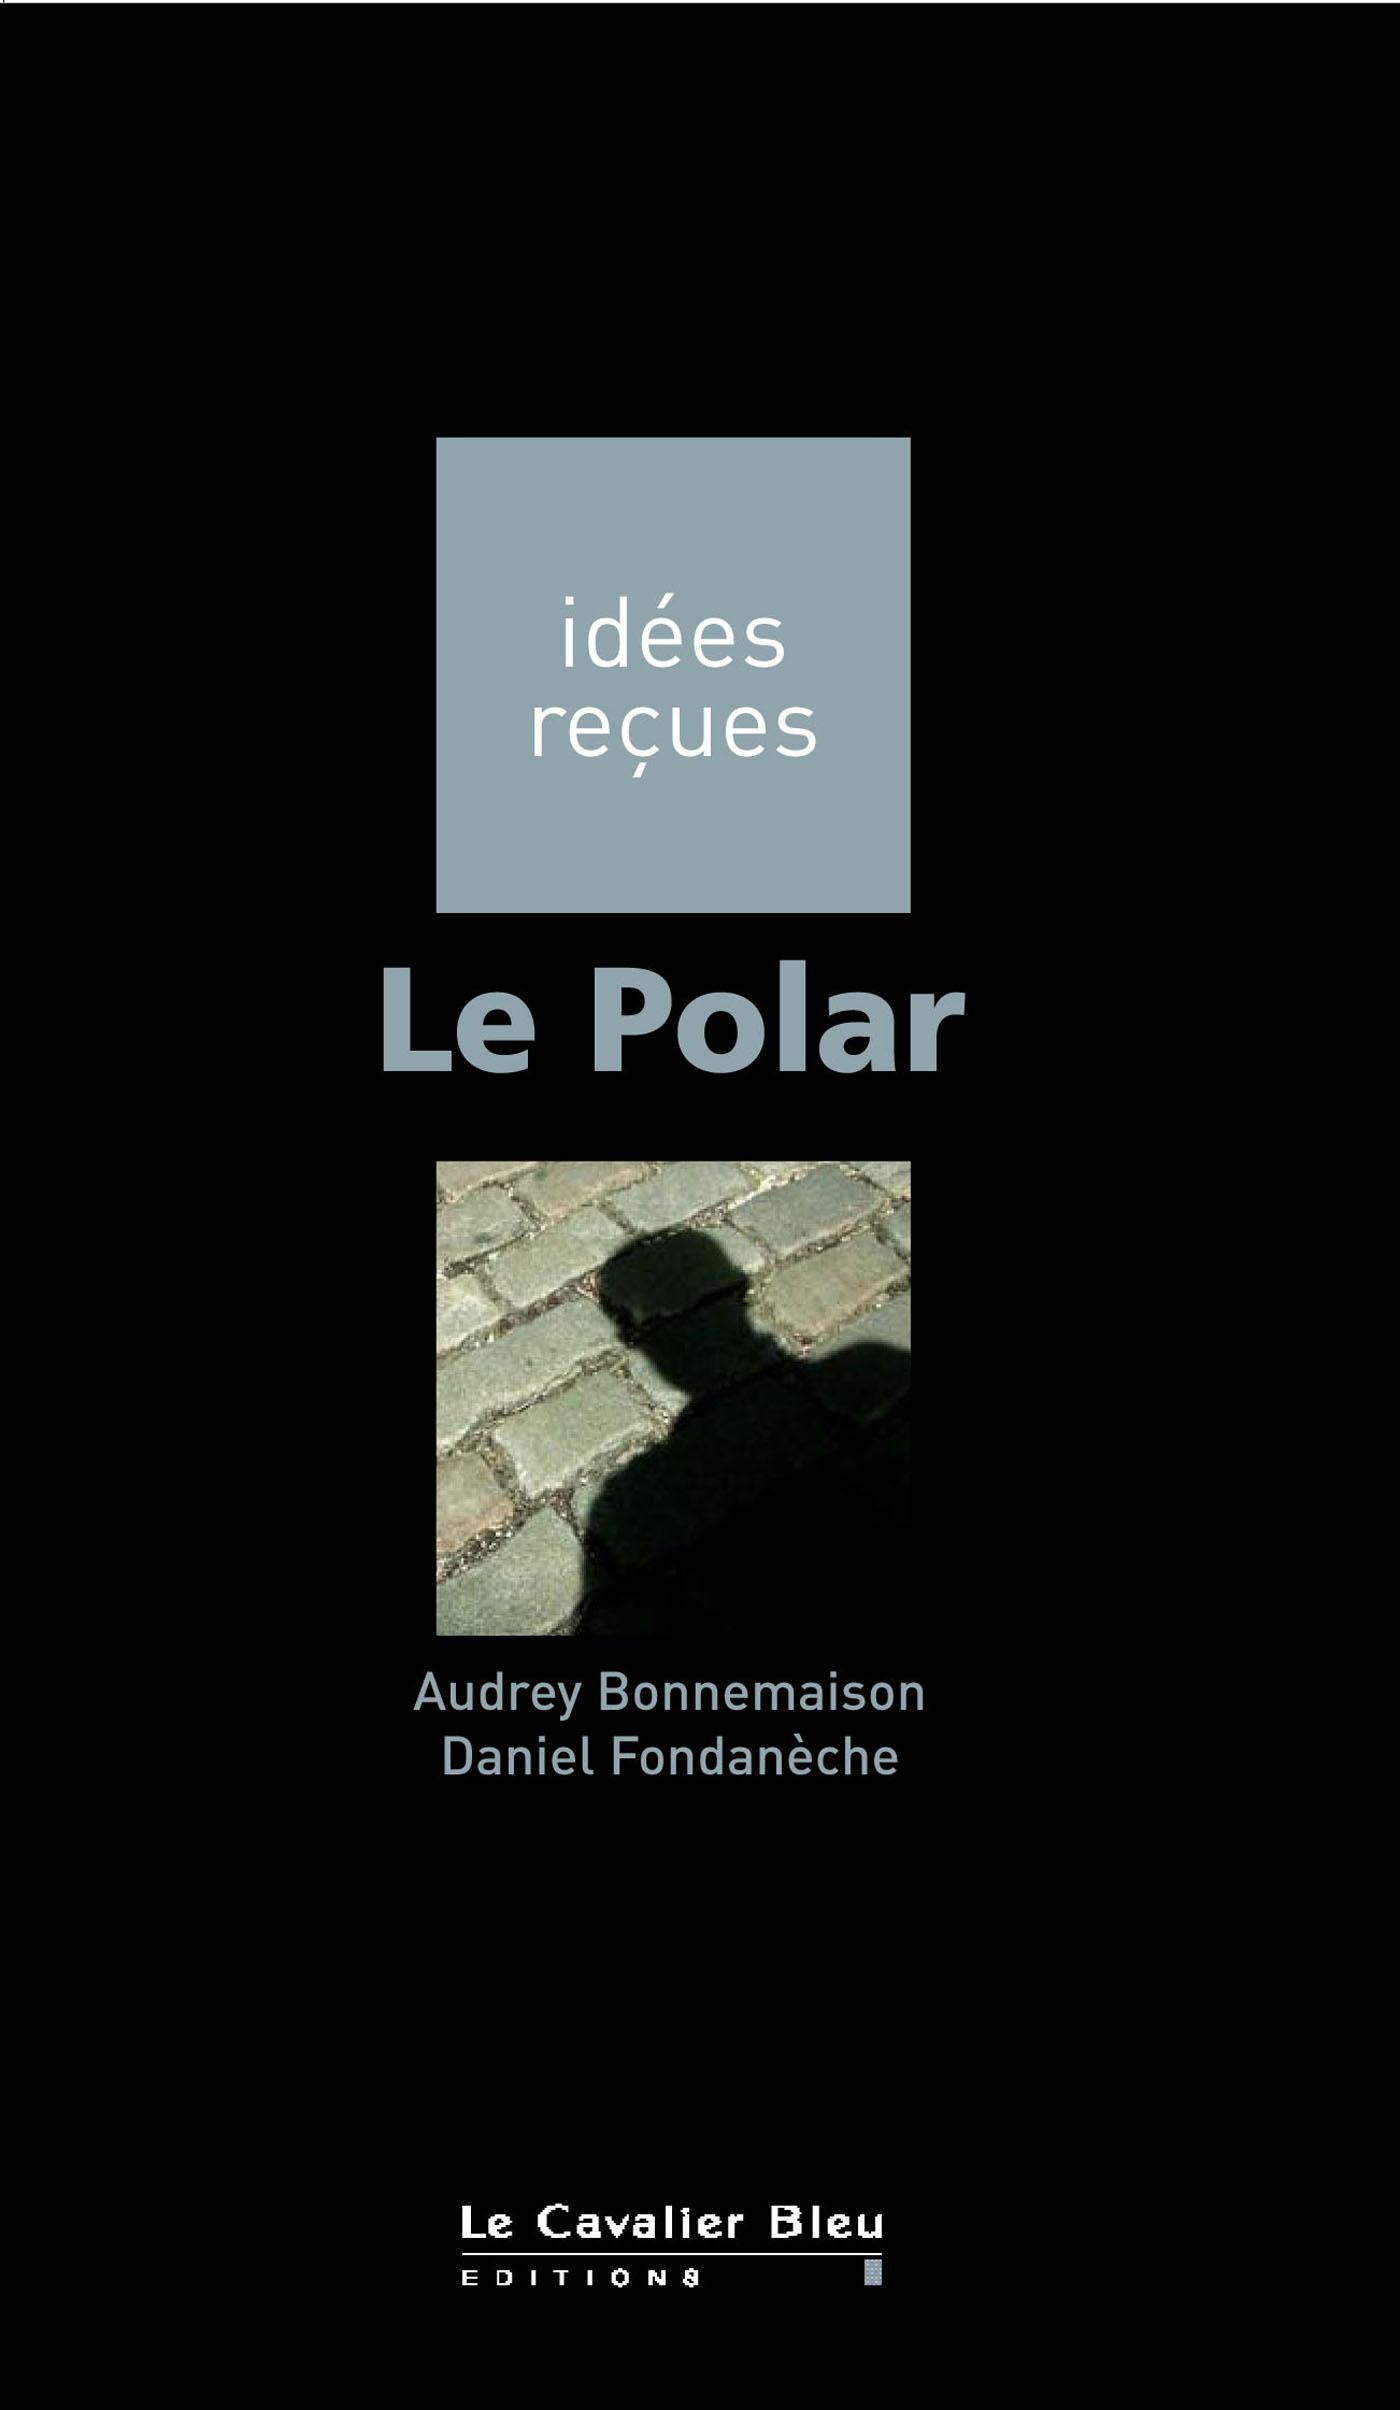 Le Polar